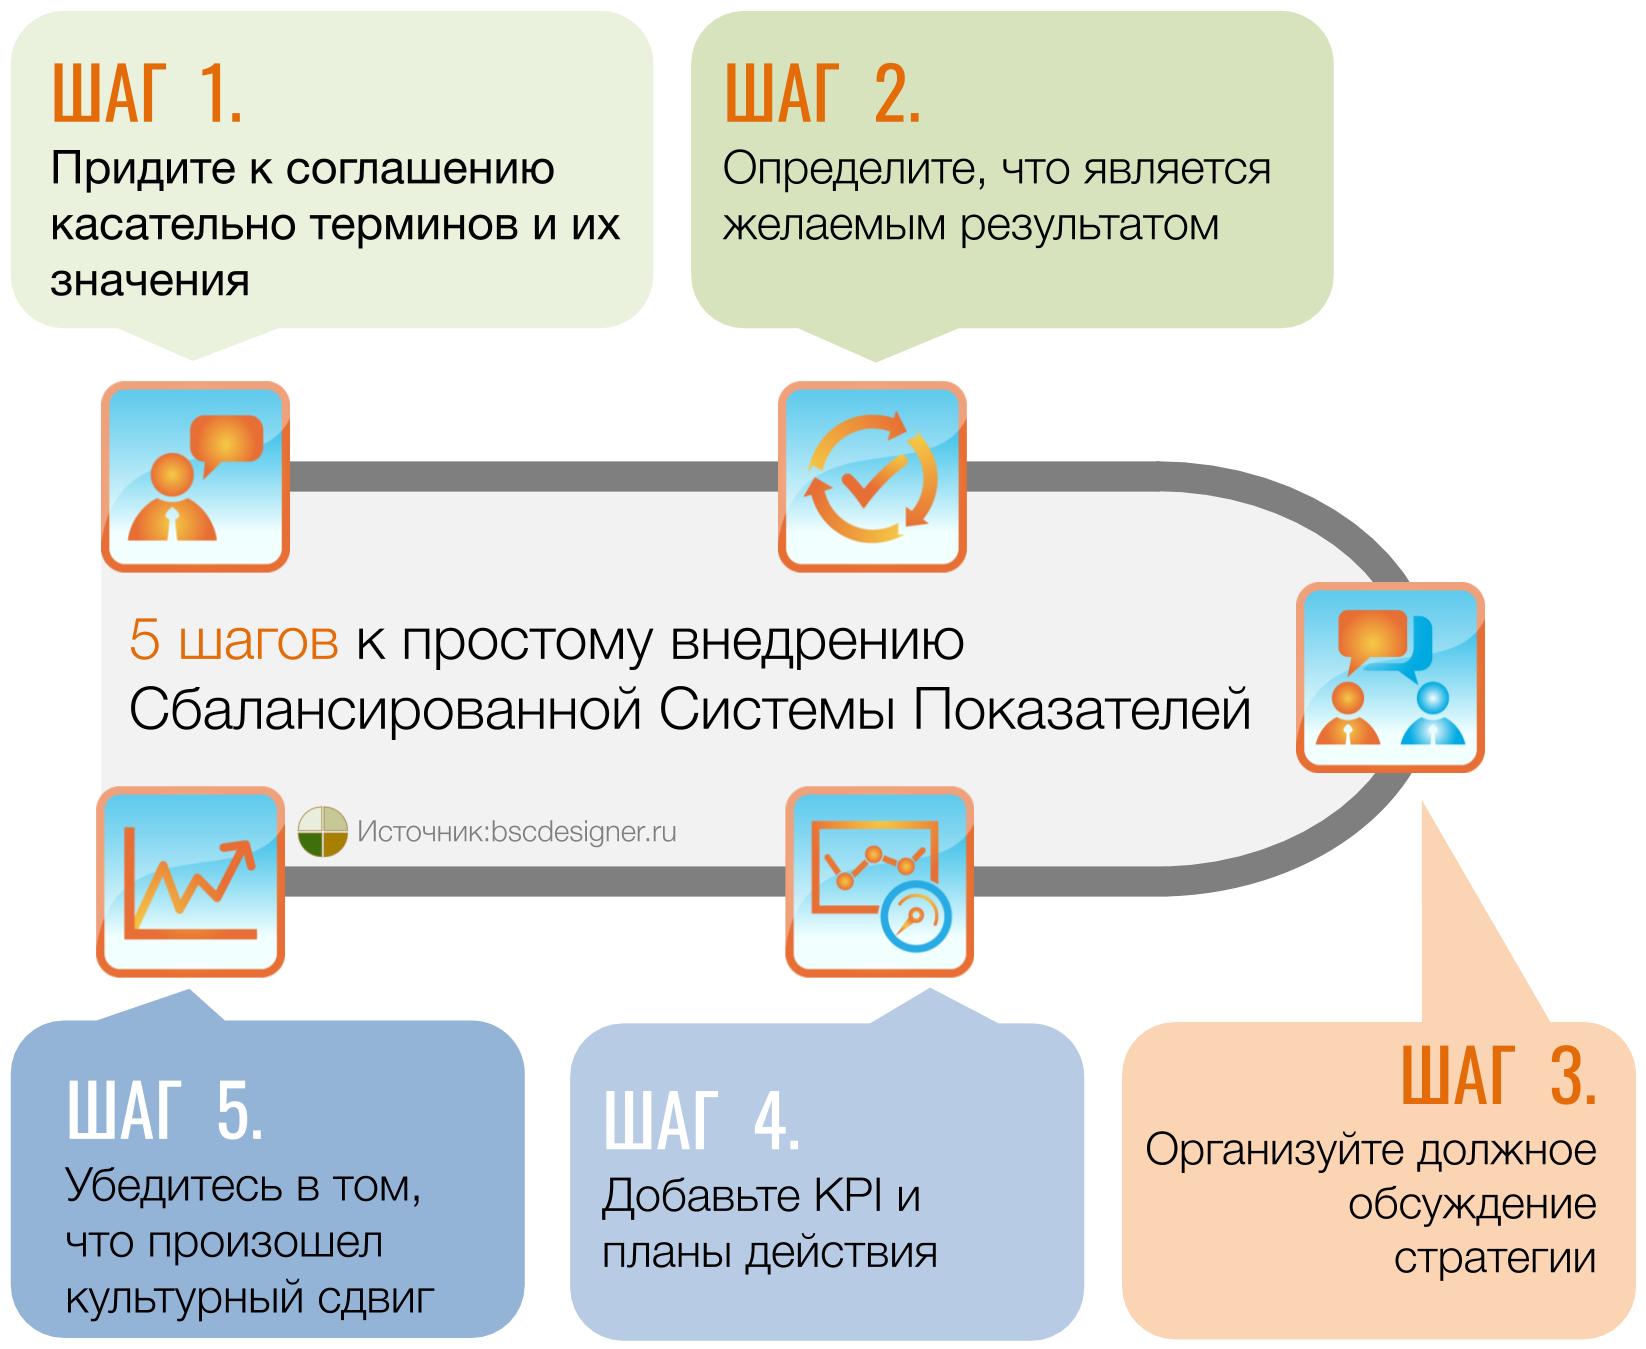 5 шагов к простому внедрению ССП